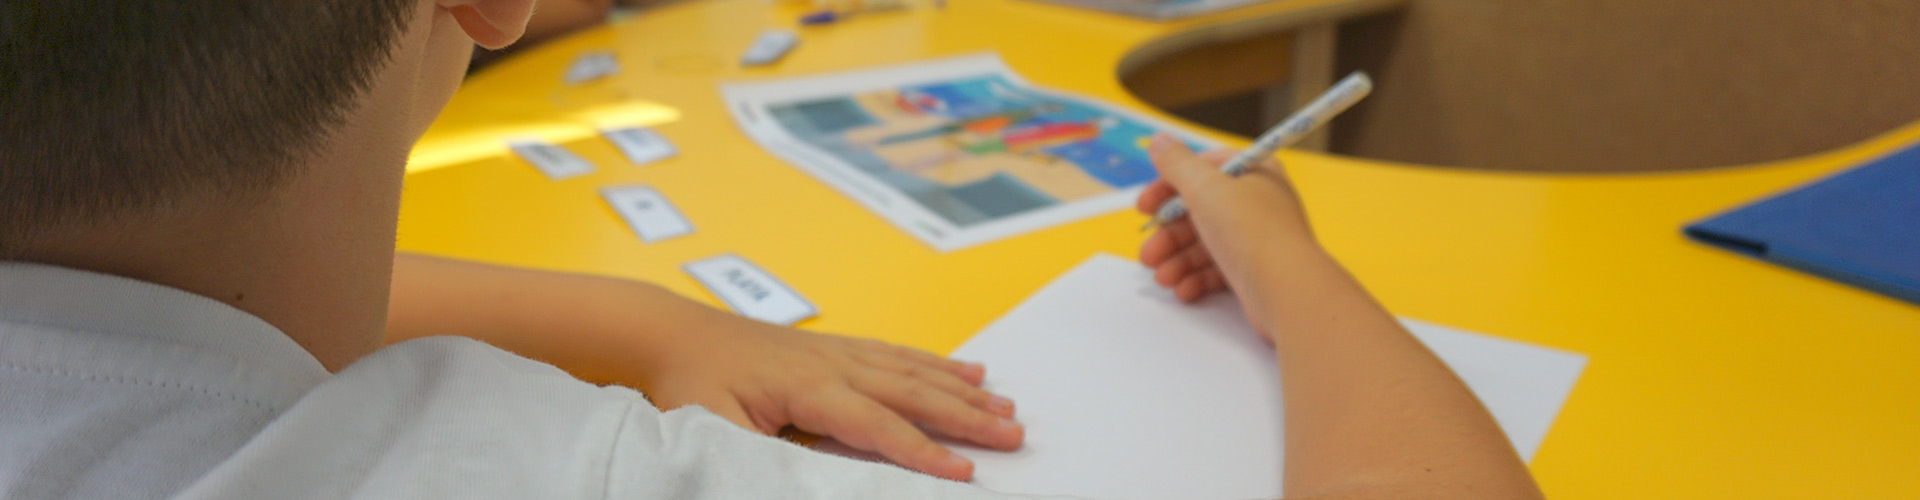 Dificultades-aprendizaje-Desarrollo-y-familia-FSI